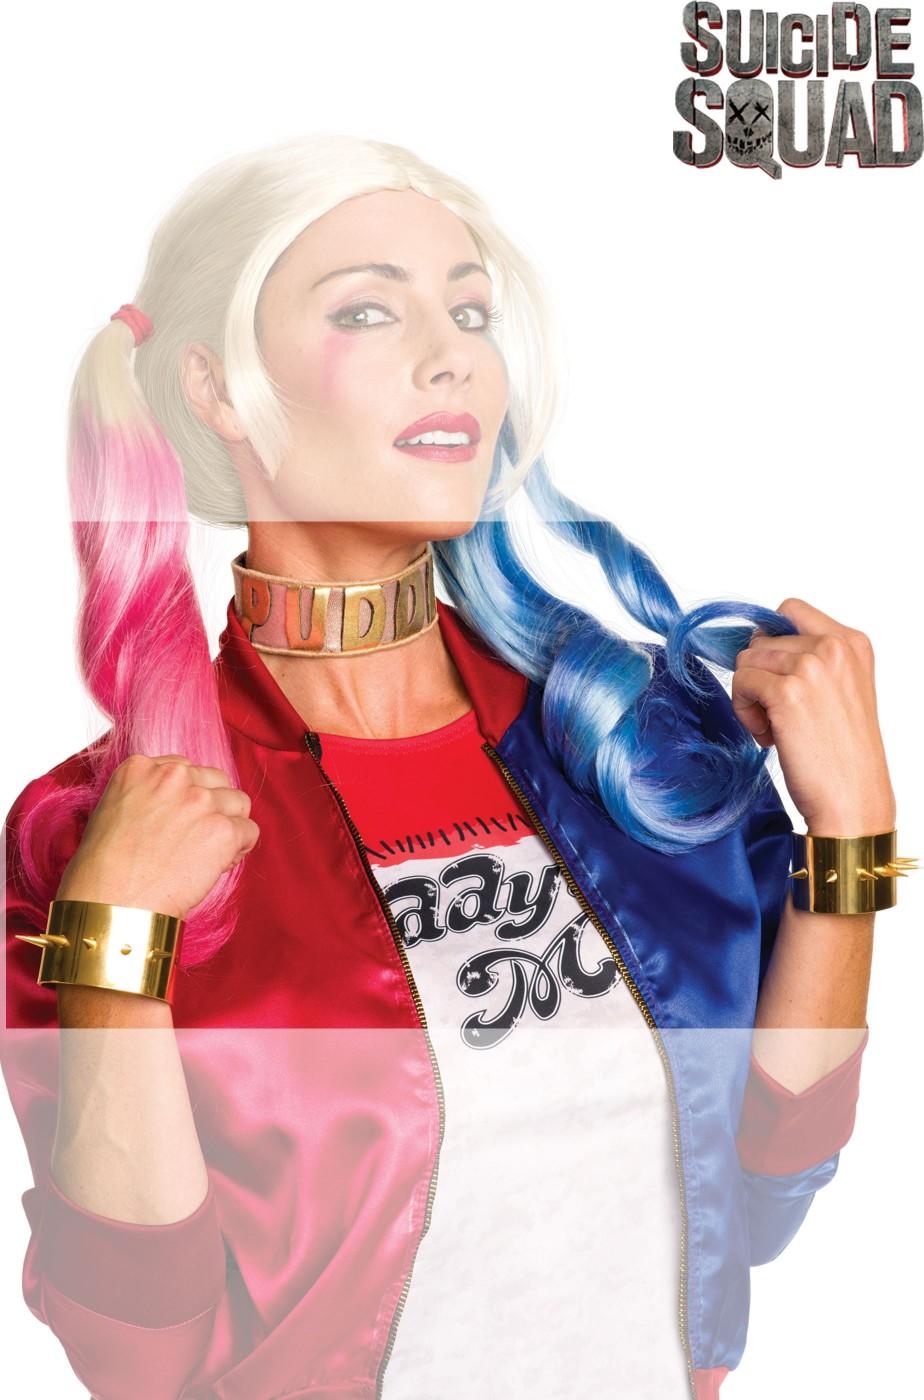 Kit gioielli collarino Puddin e bracciali di Harley Quinn Suicide Squad